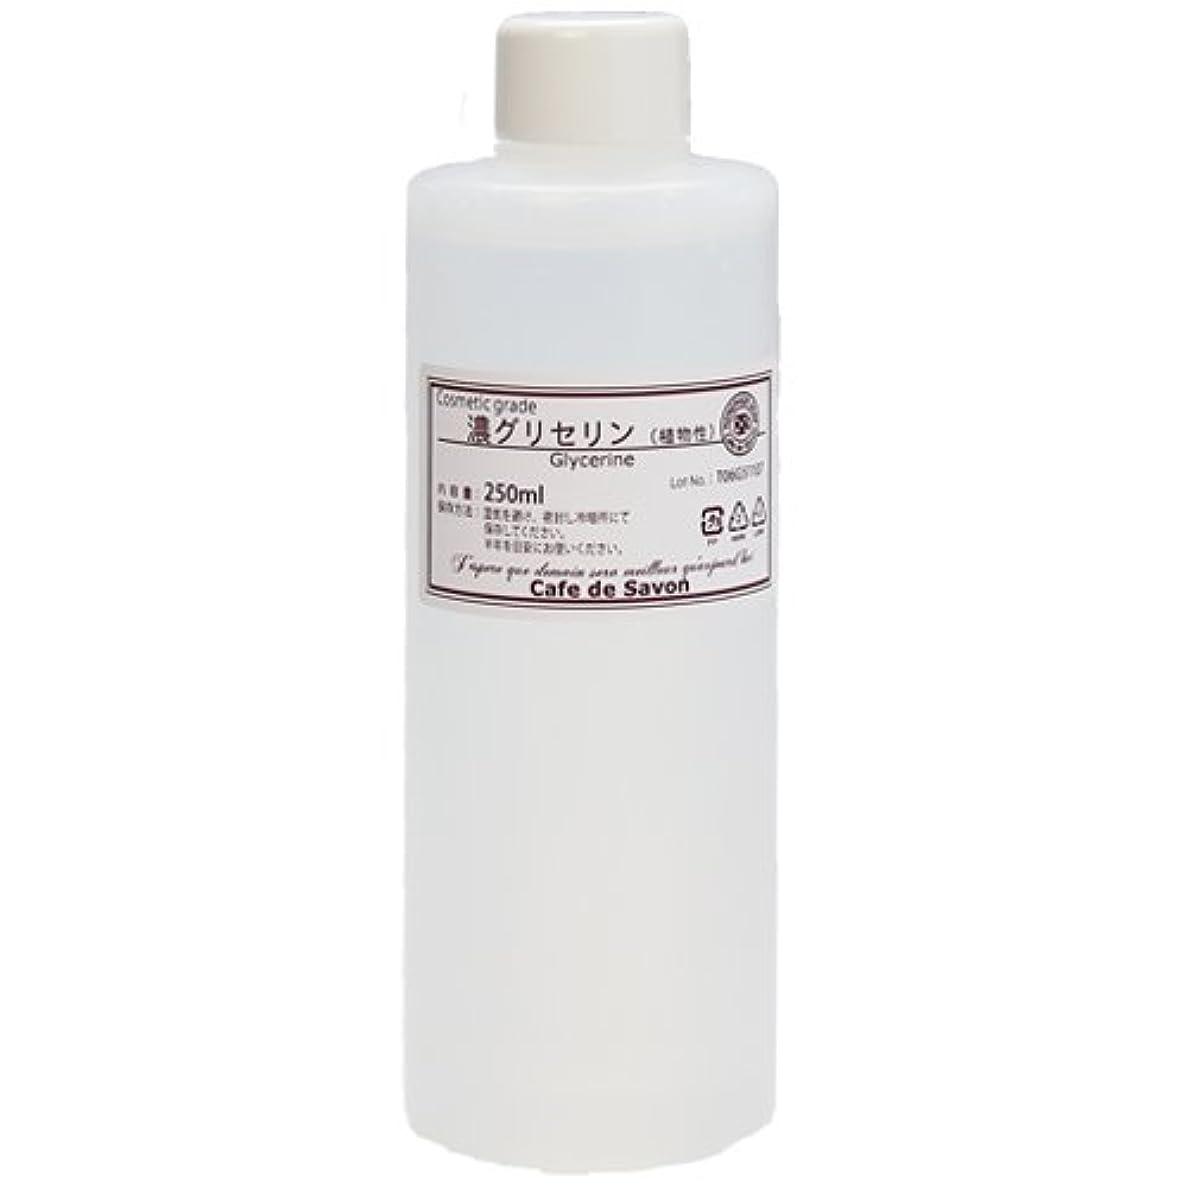 家畜染料病な濃グリセリン[植物性] 250ml 【手作り石鹸/手作りコスメ】